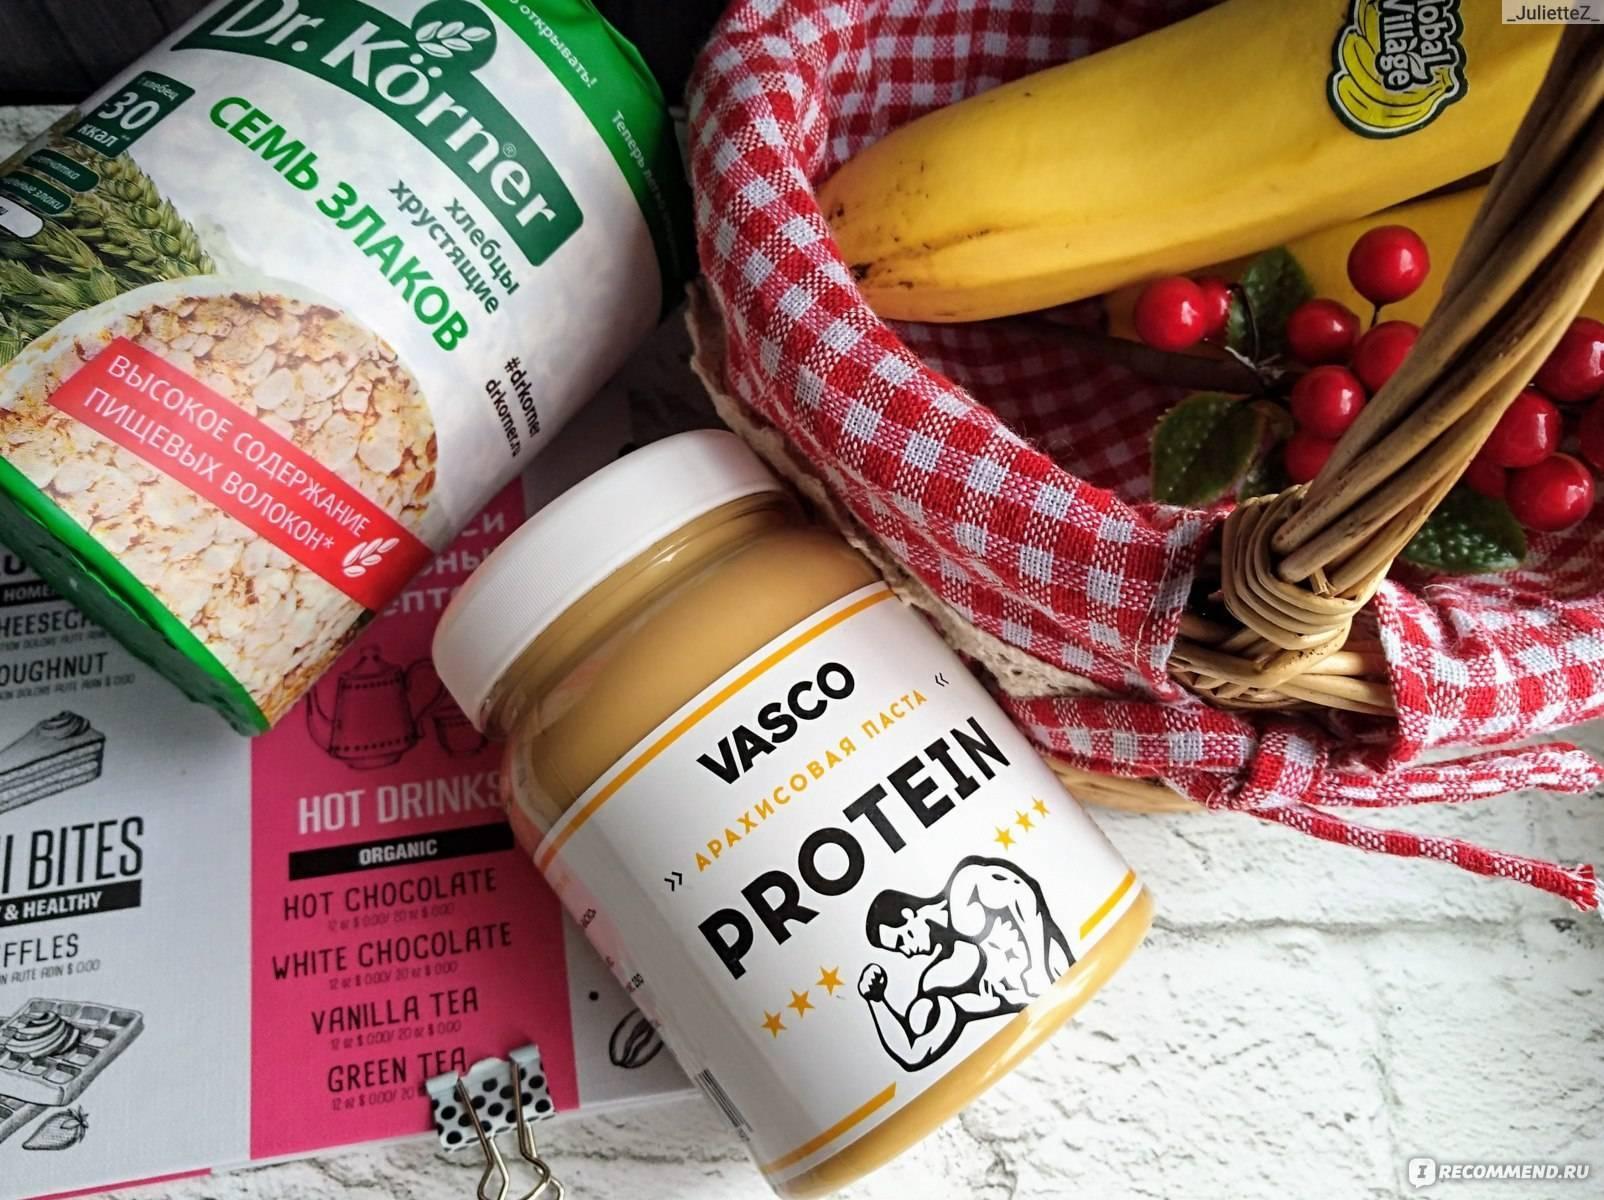 Арахисовая паста: польза и вред, состав, правила употребления